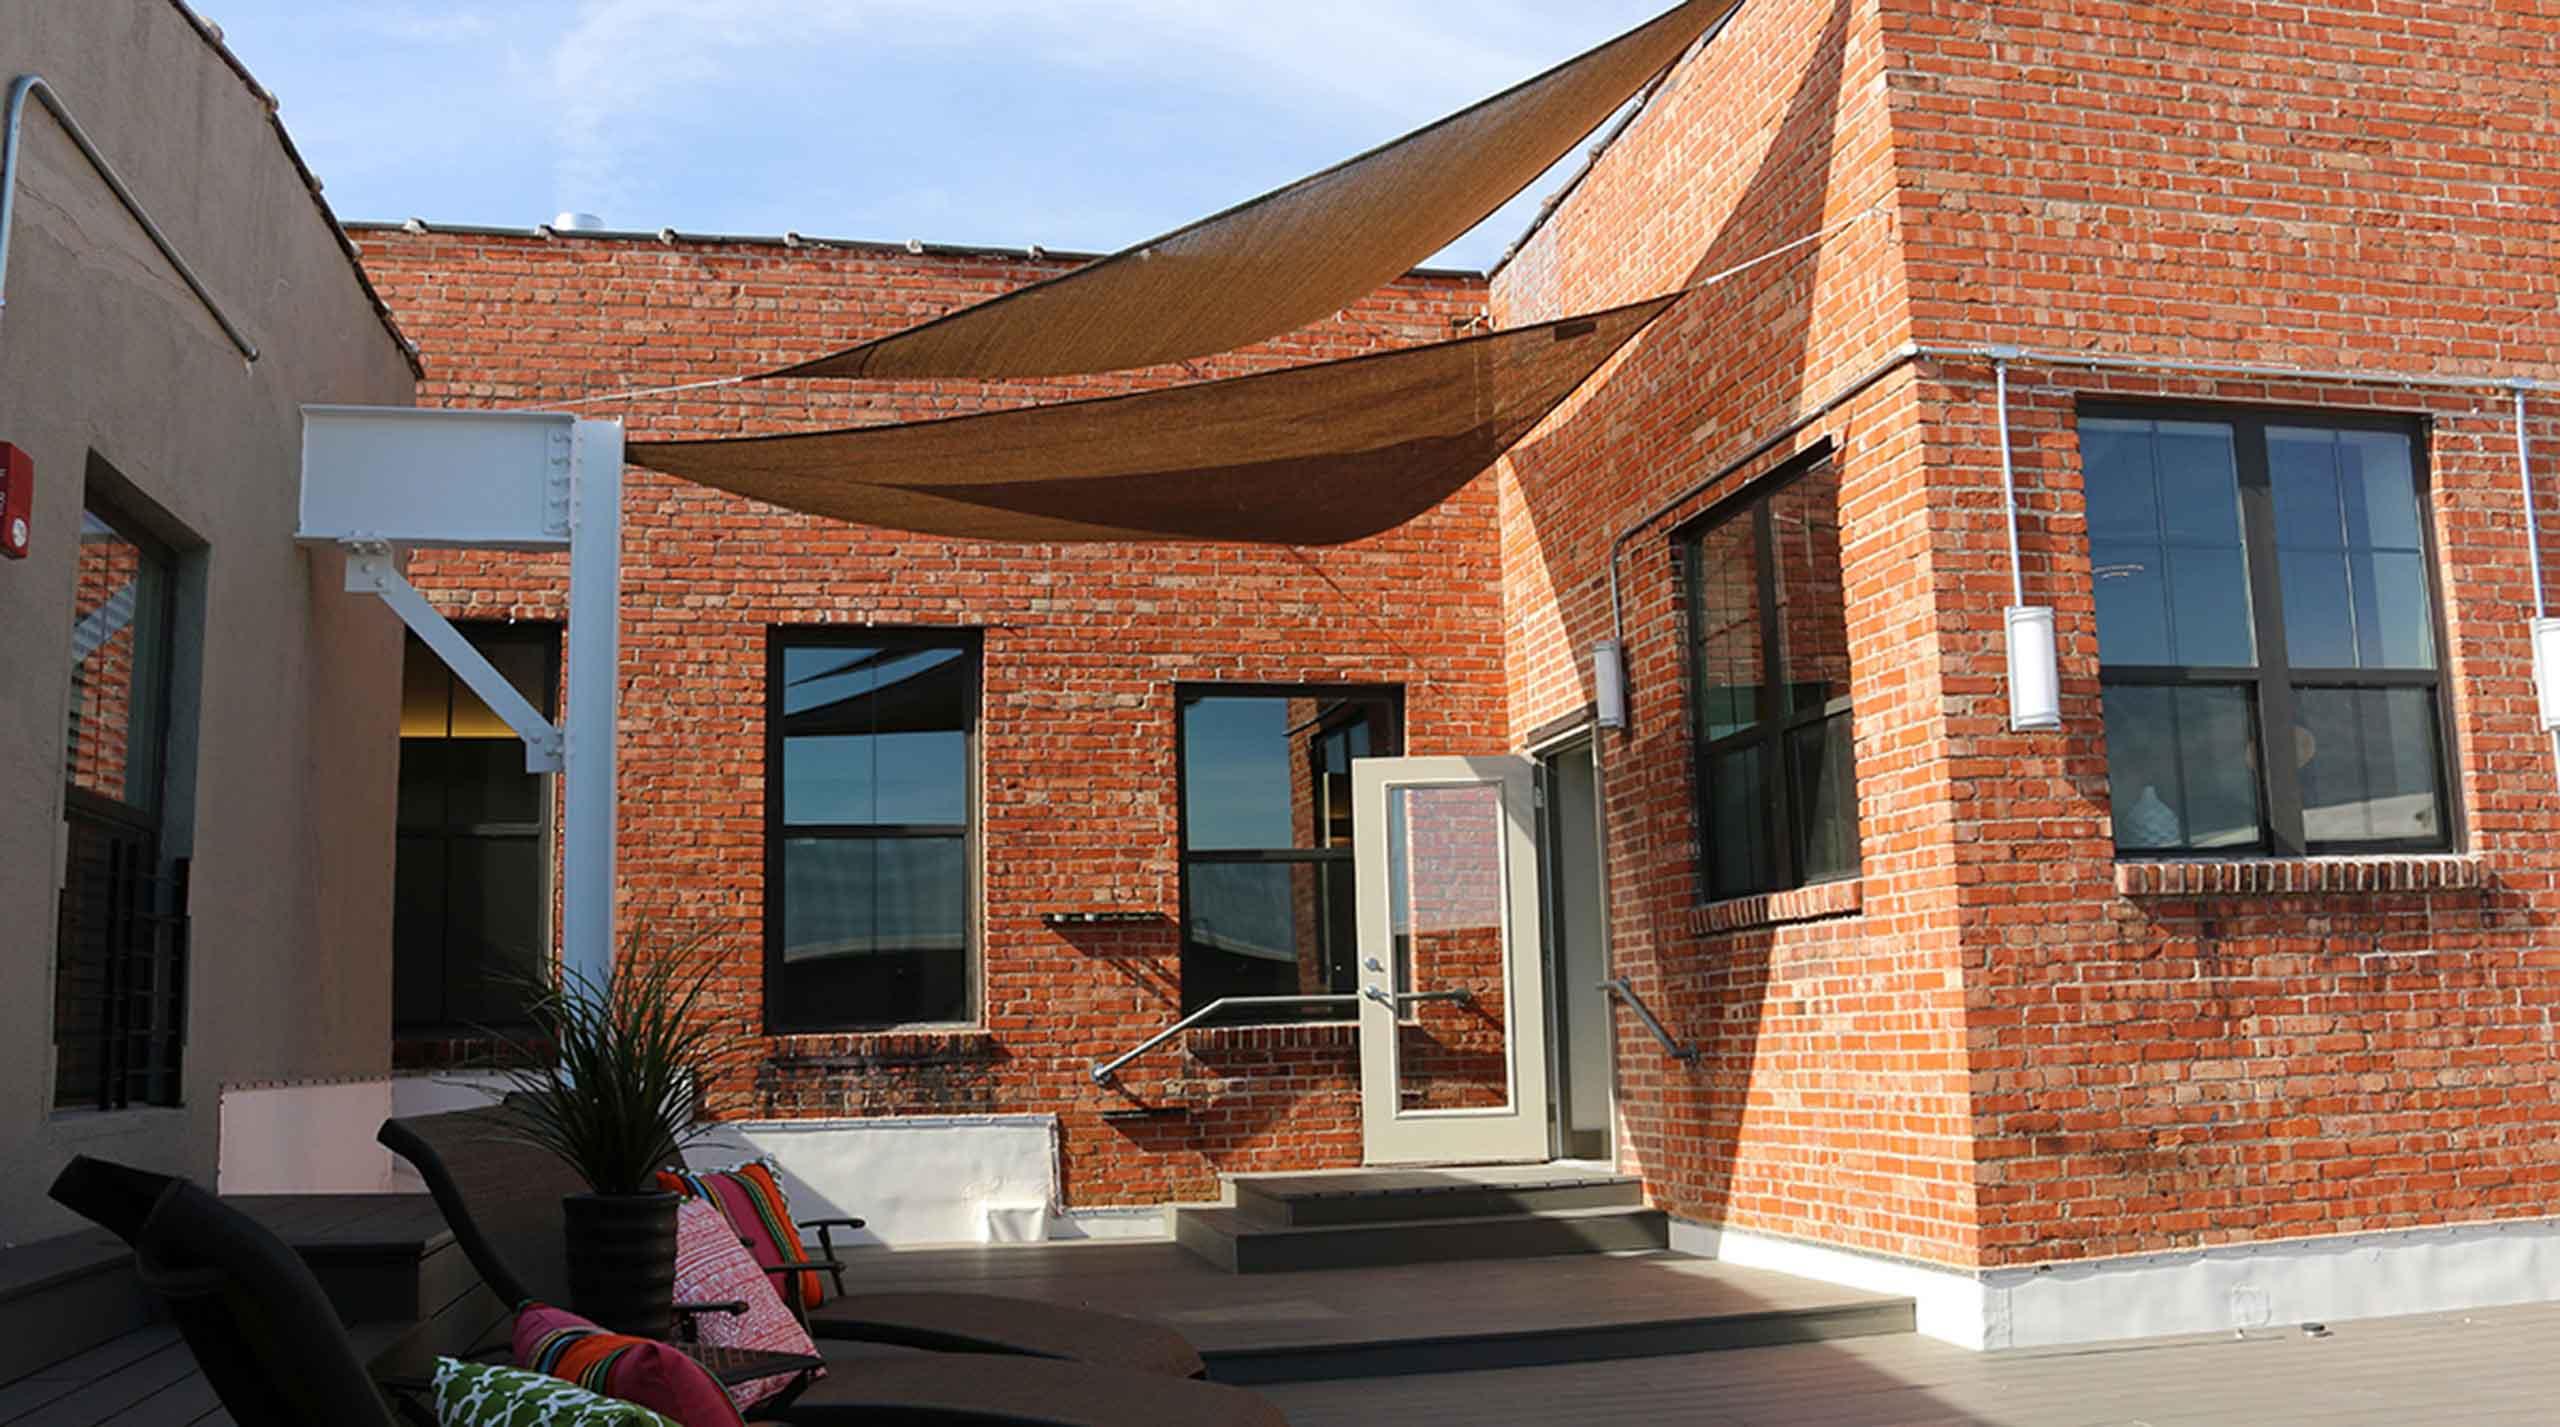 Congress-Lofts-Rooftop-Deck